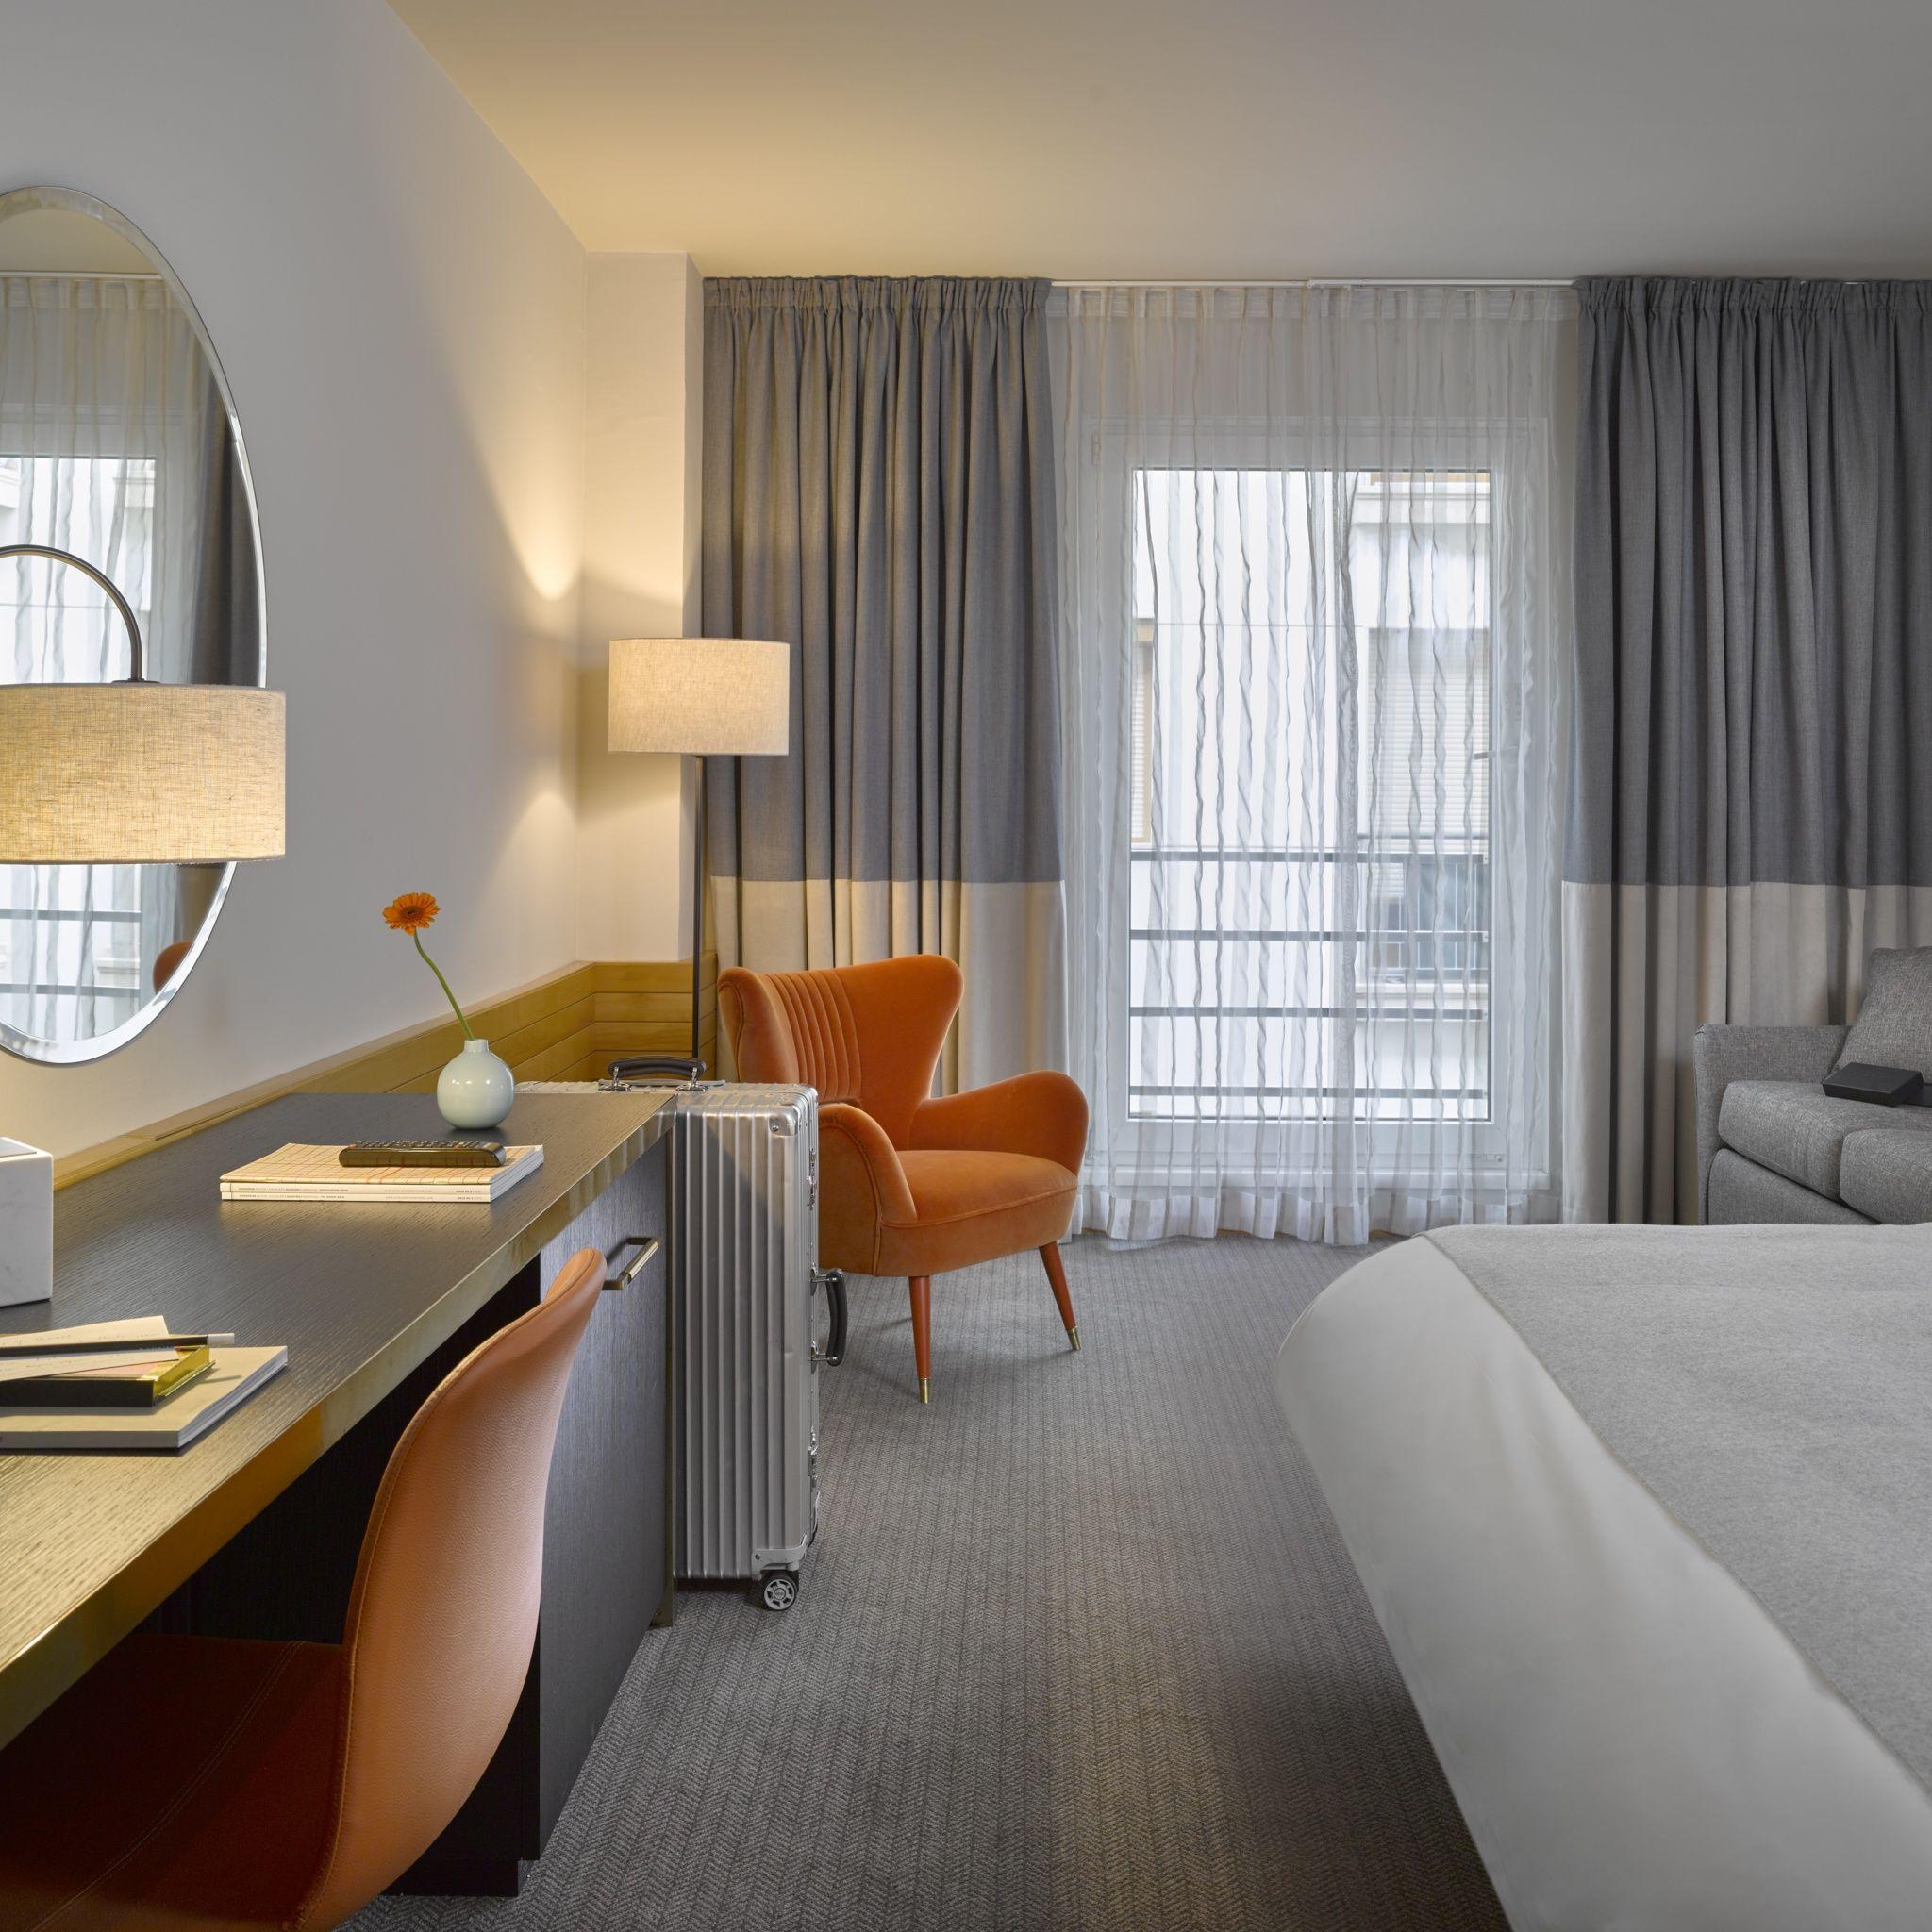 K+K Hotel Opera - K+K Hotel Opera - Deluxe szoba